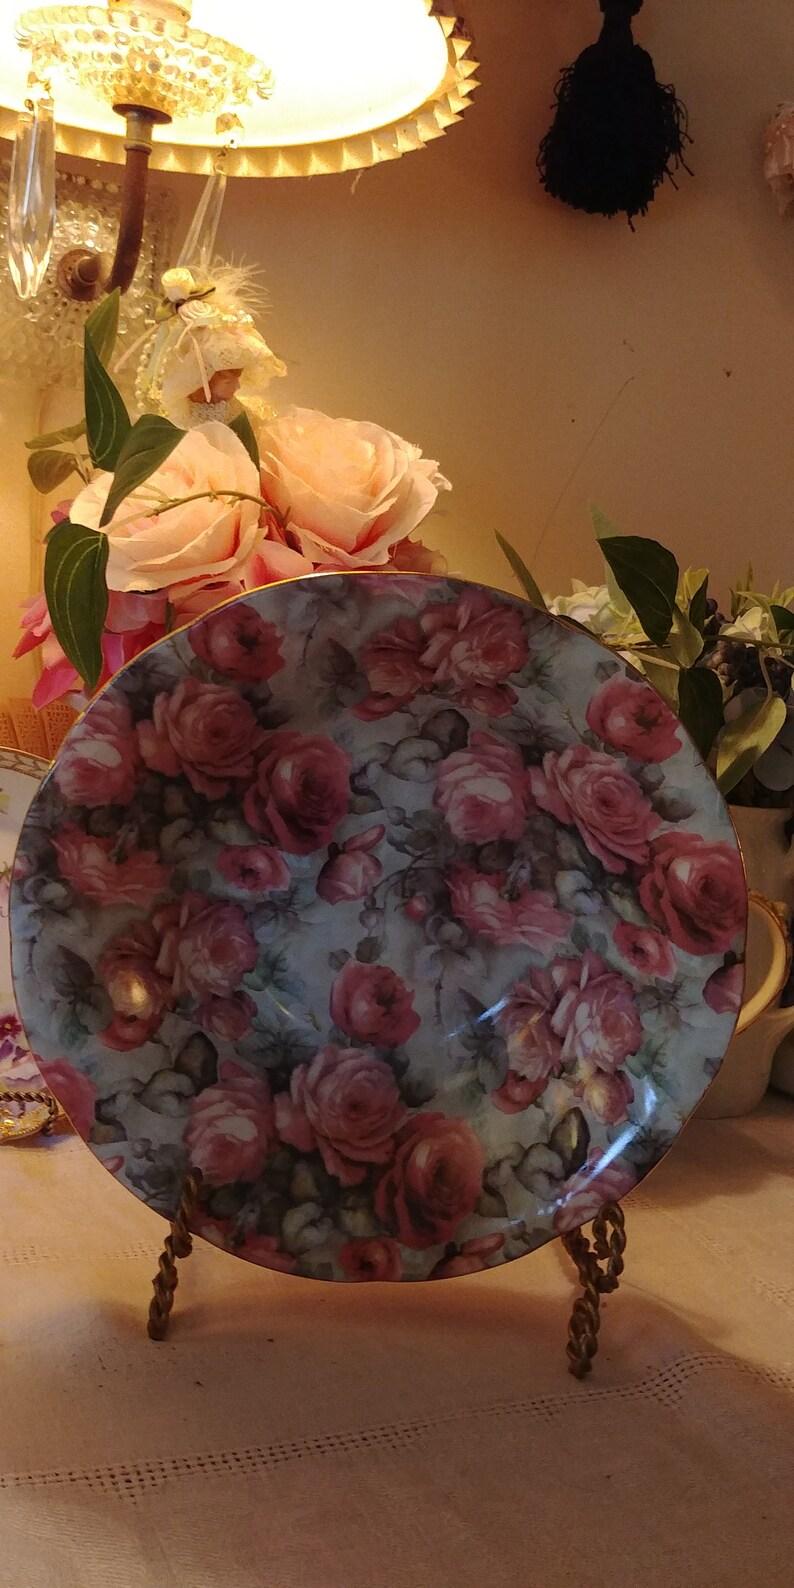 Vintage Formalities Rose Bowl